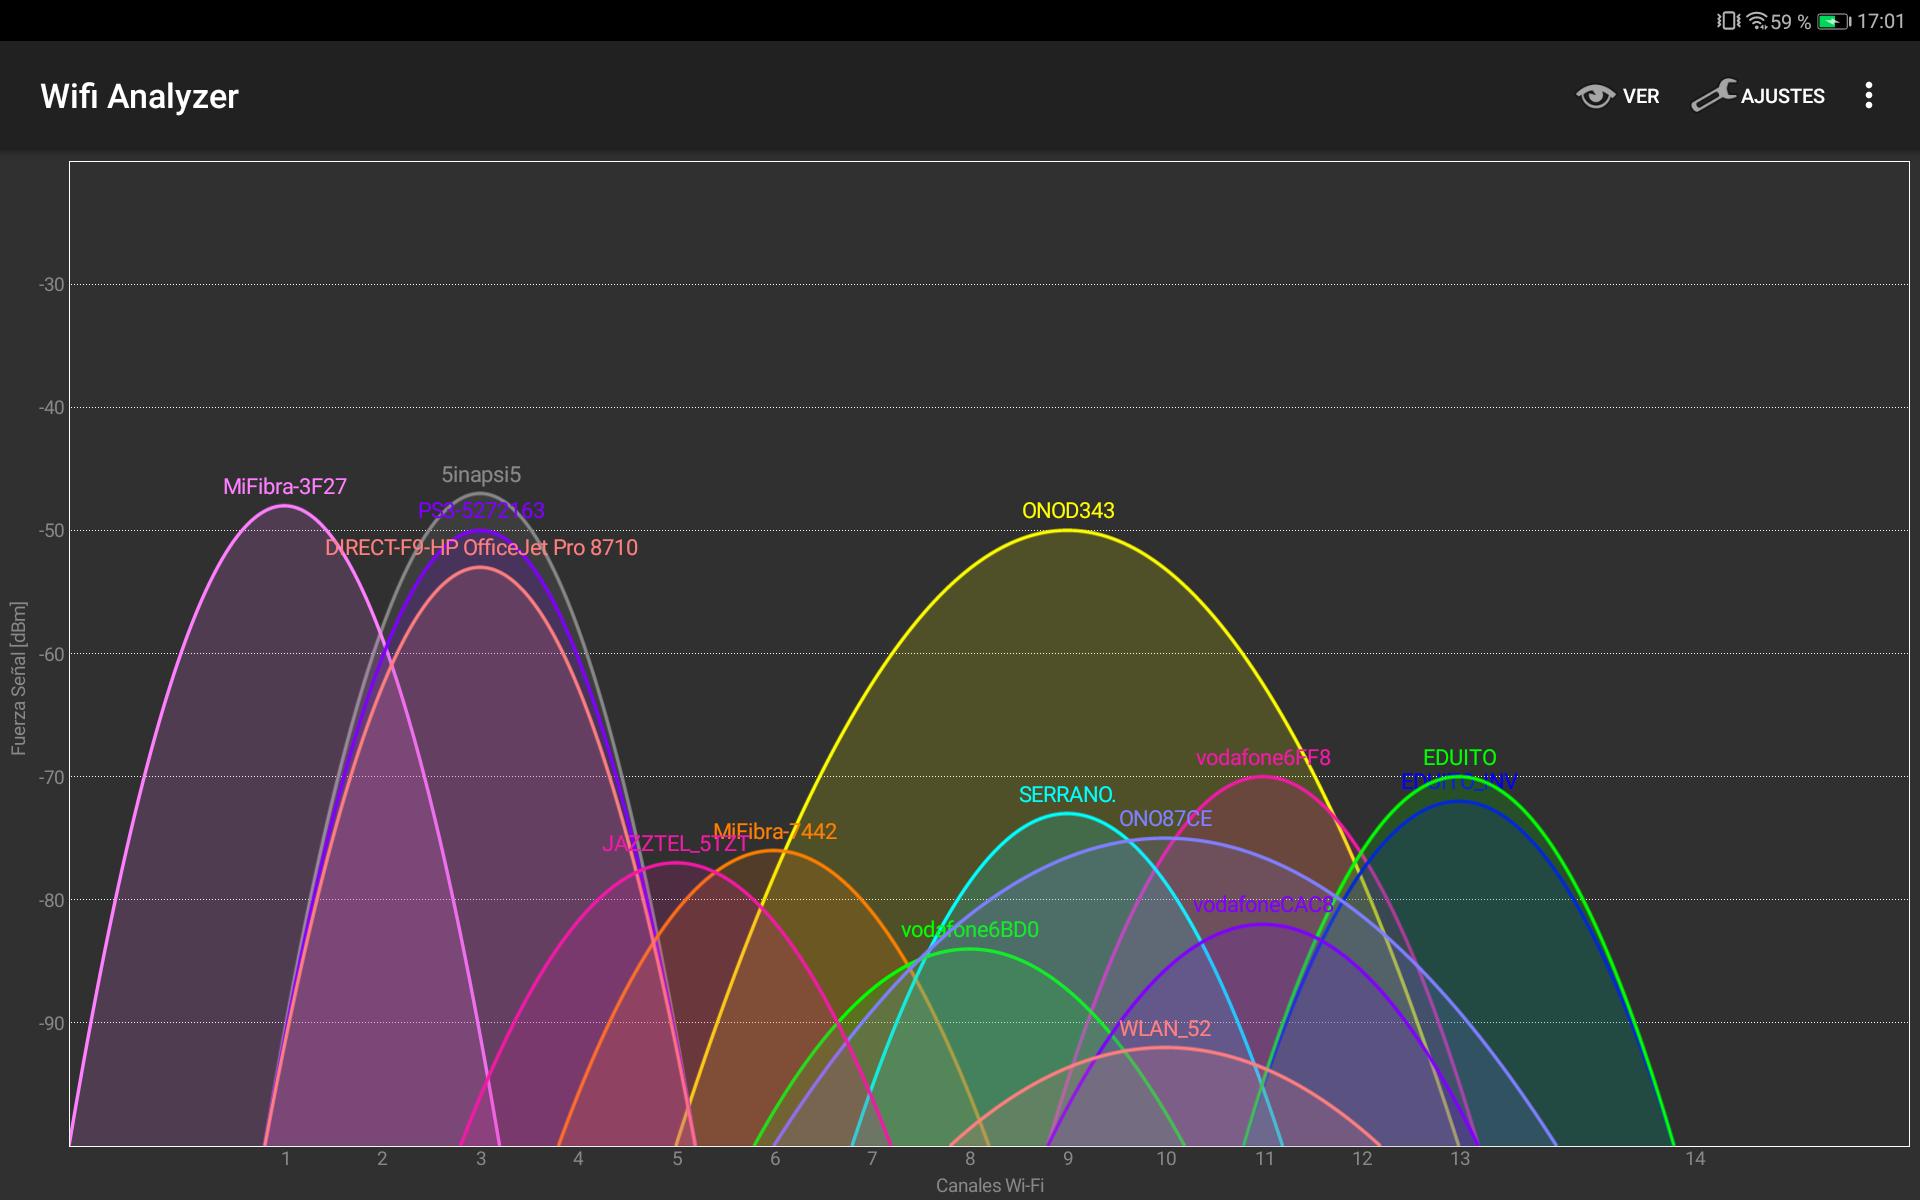 Qué es WiFi Analyzer, cómo funciona y cuáles son sus ventajas: